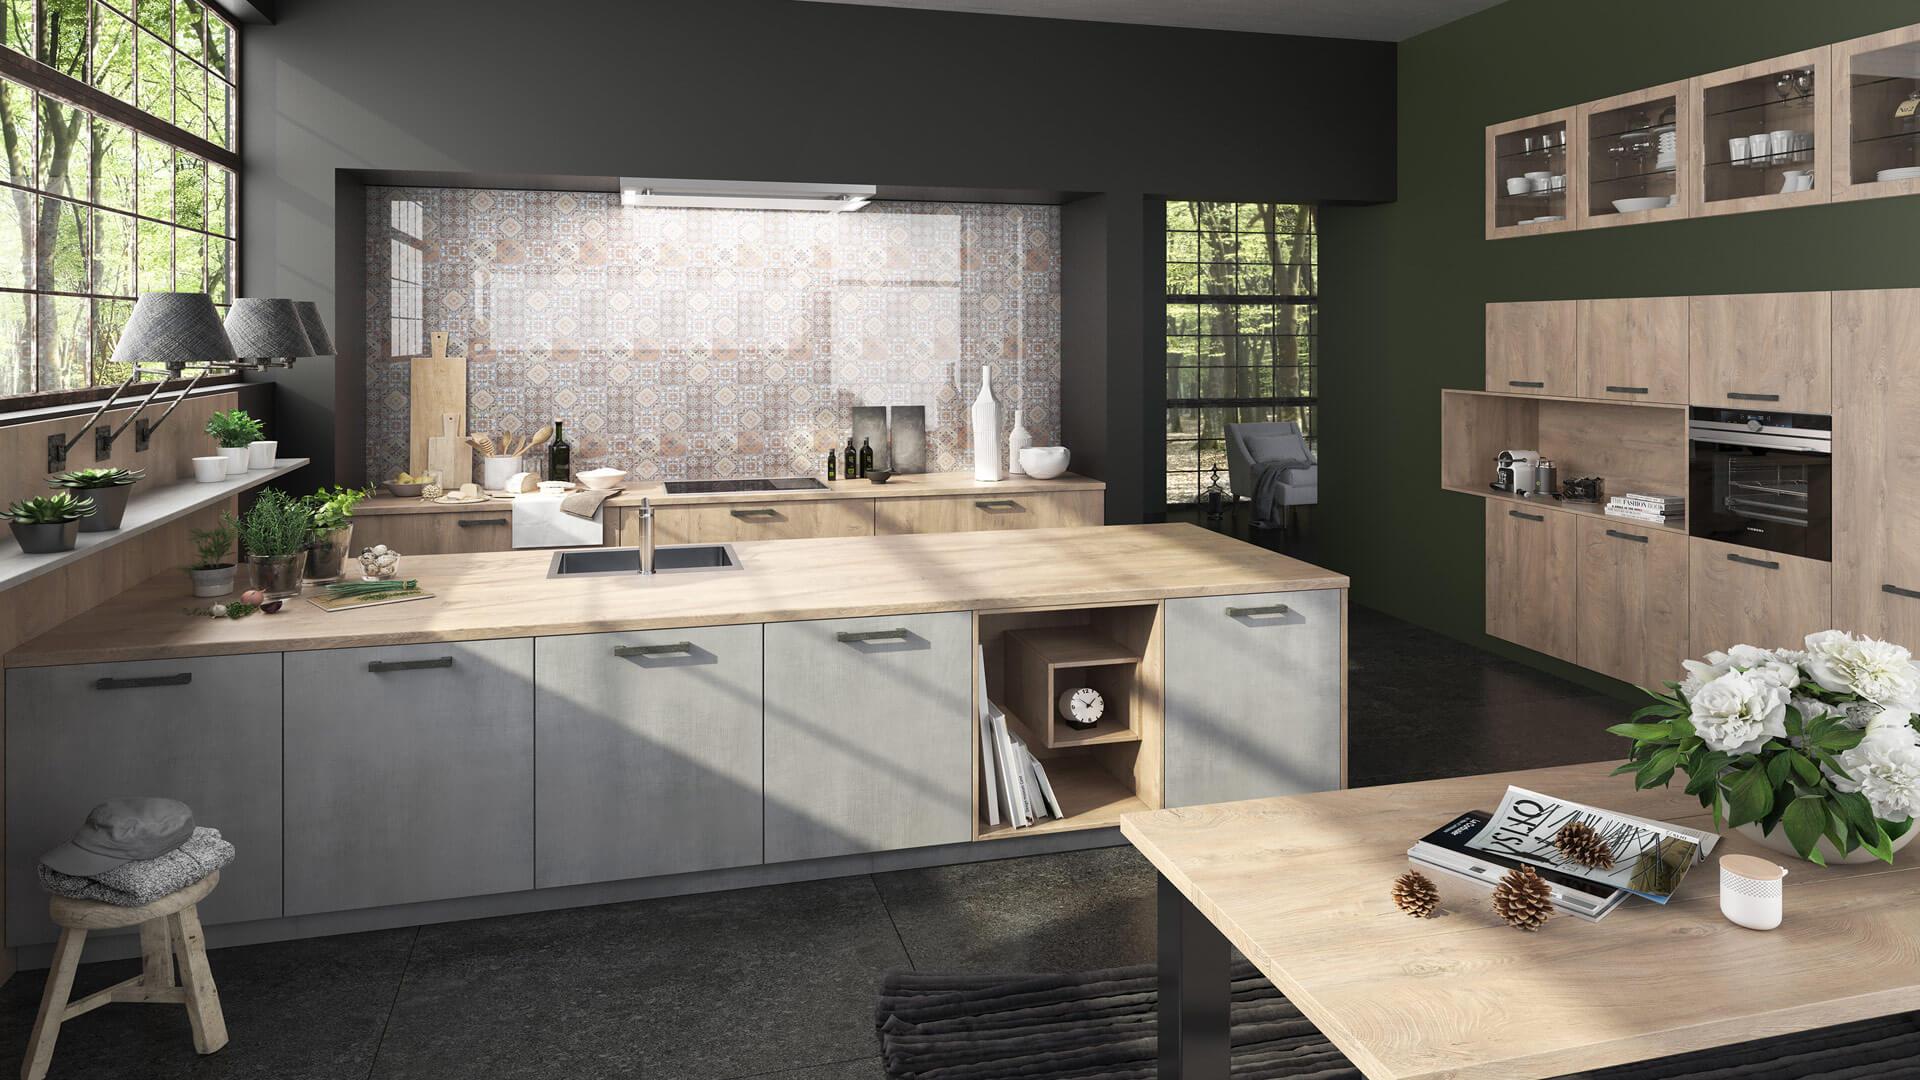 Full Size of Was Kostet Eine Küche Vom Schreiner Was Kostet Eine Küche Mit Geräten Was Kostet Eine Küche Nach Maß Was Kostet Eine Küche Mit Elektrogeräten Küche Was Kostet Eine Küche